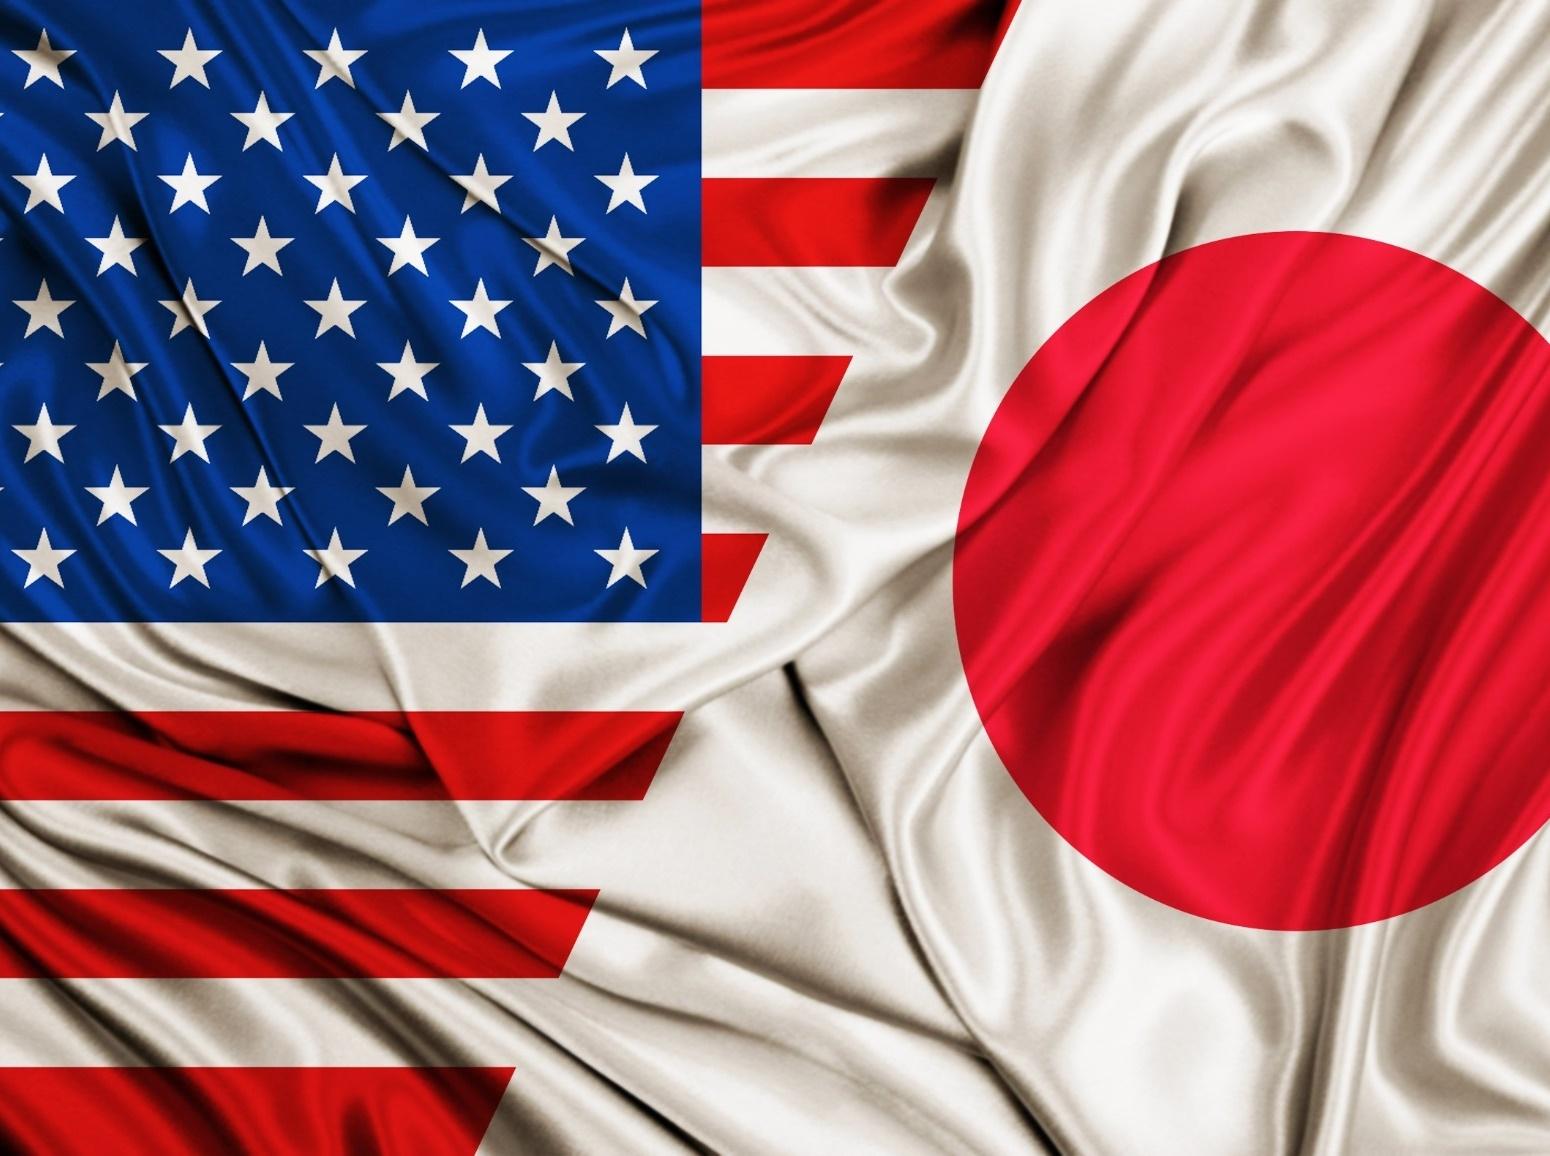 آمریکا، ژاپن را به تحریم تهدیدکرد